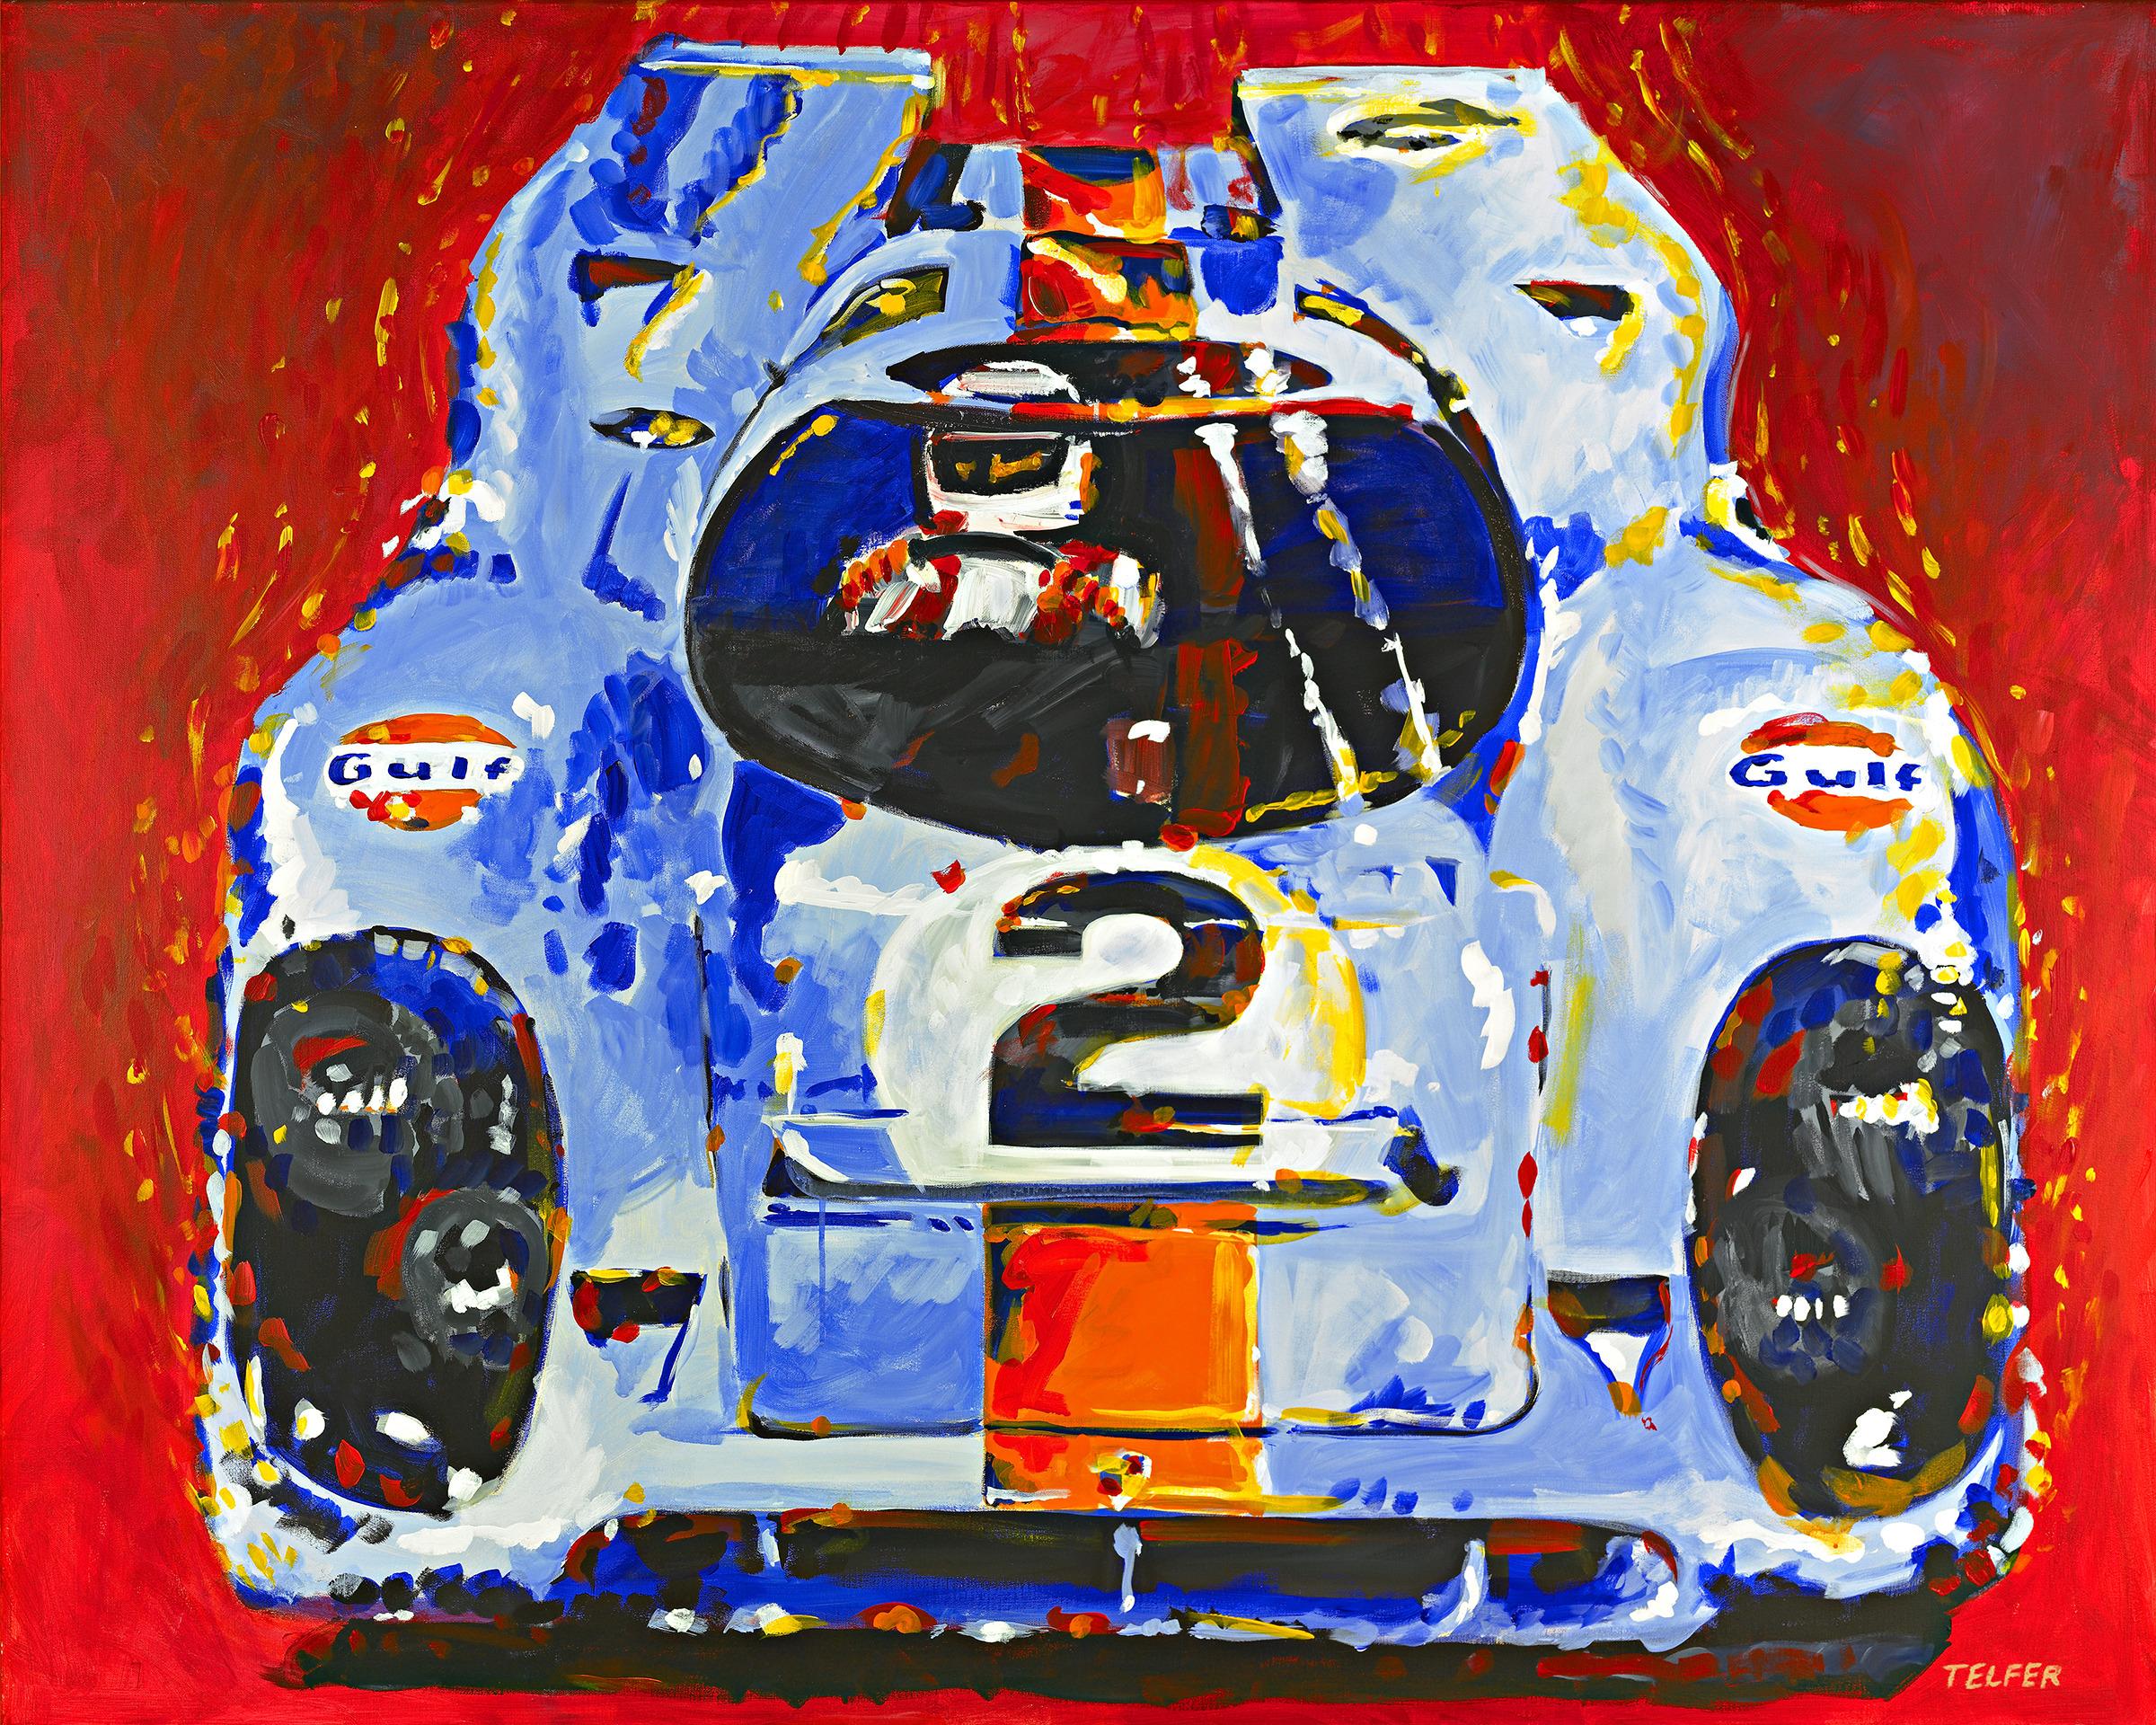 Porsche daytona chap 917 sm vjslho